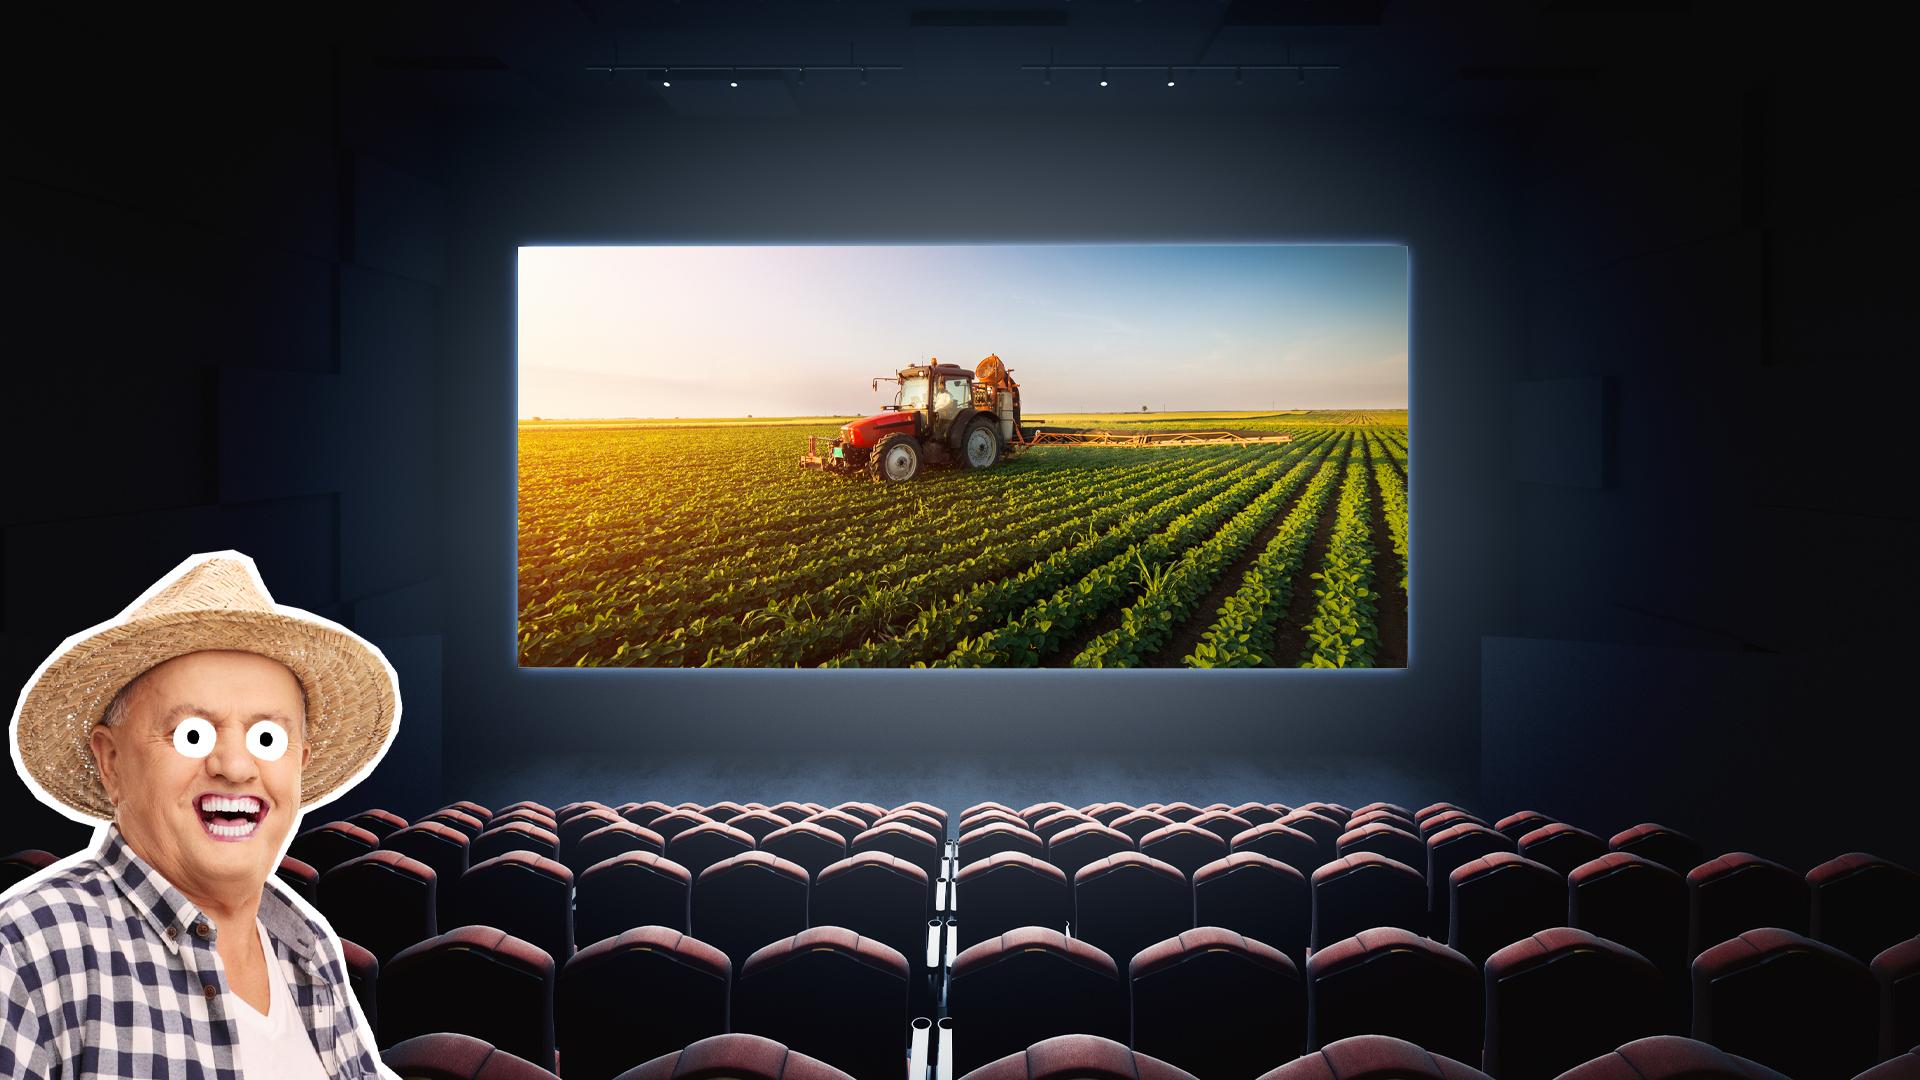 A farmer at the cinema